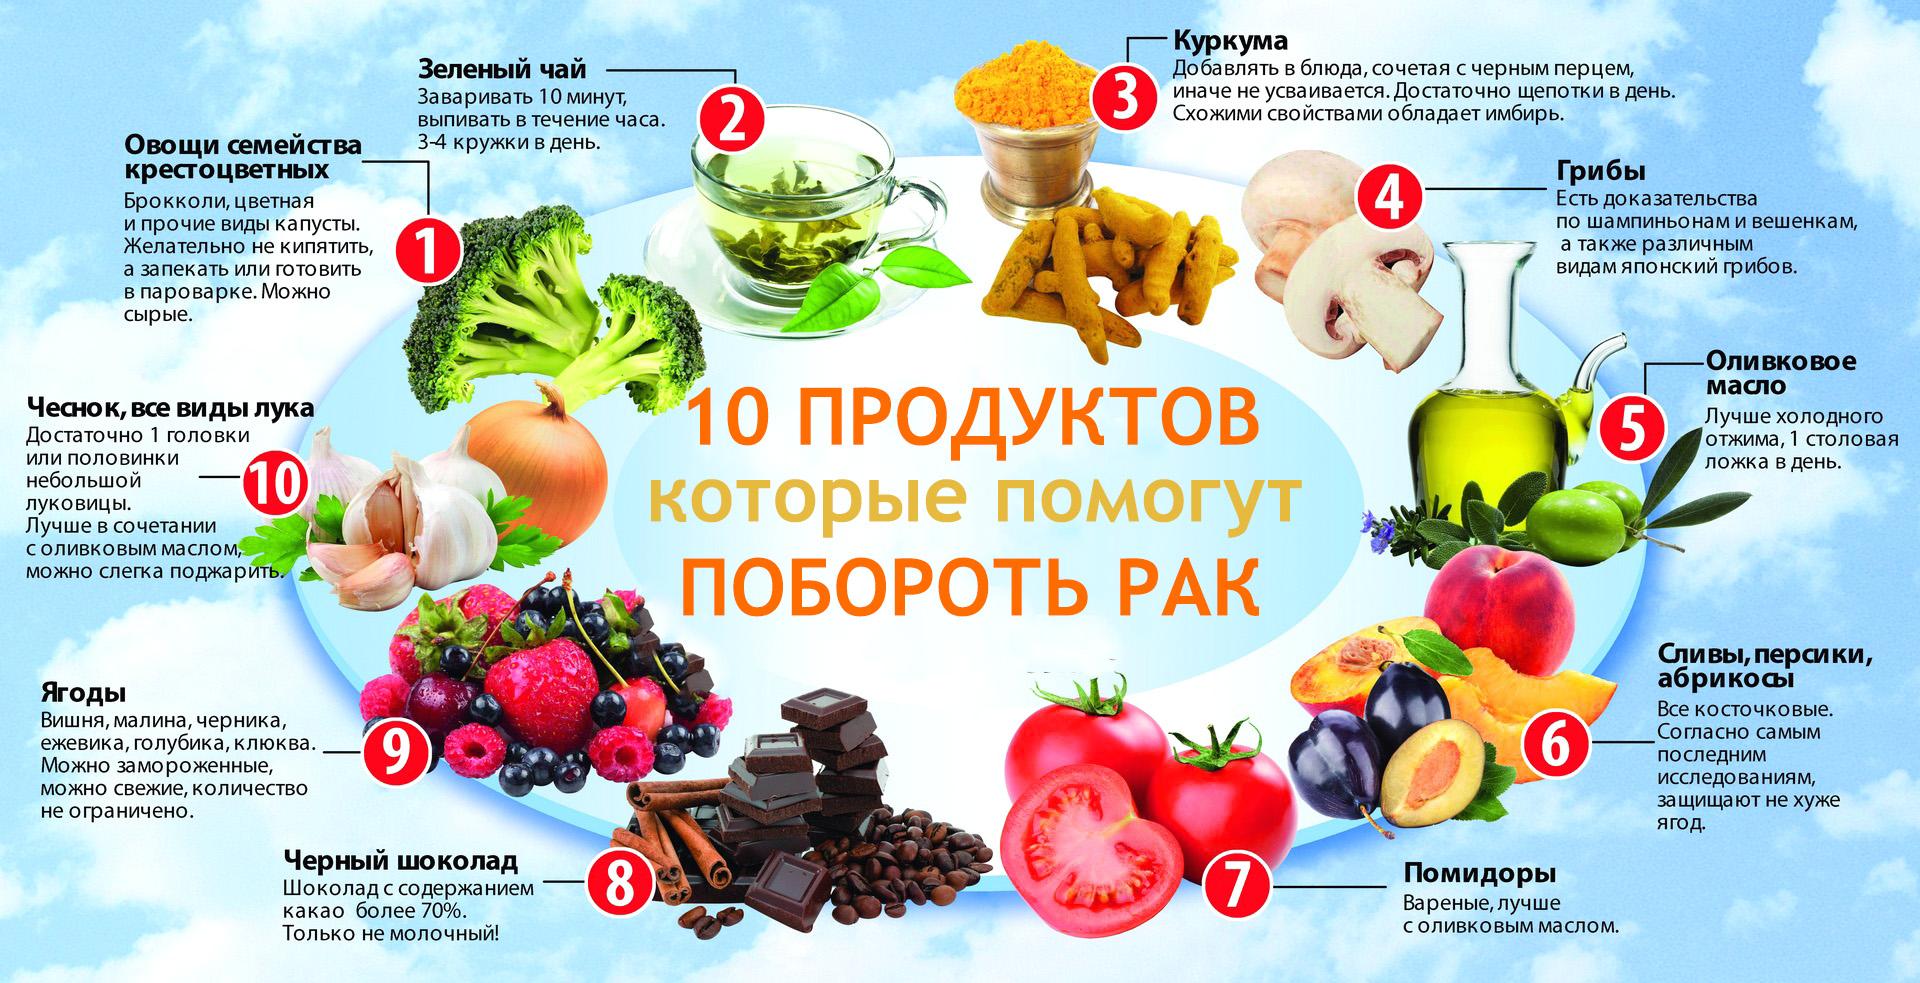 Правильные продукты